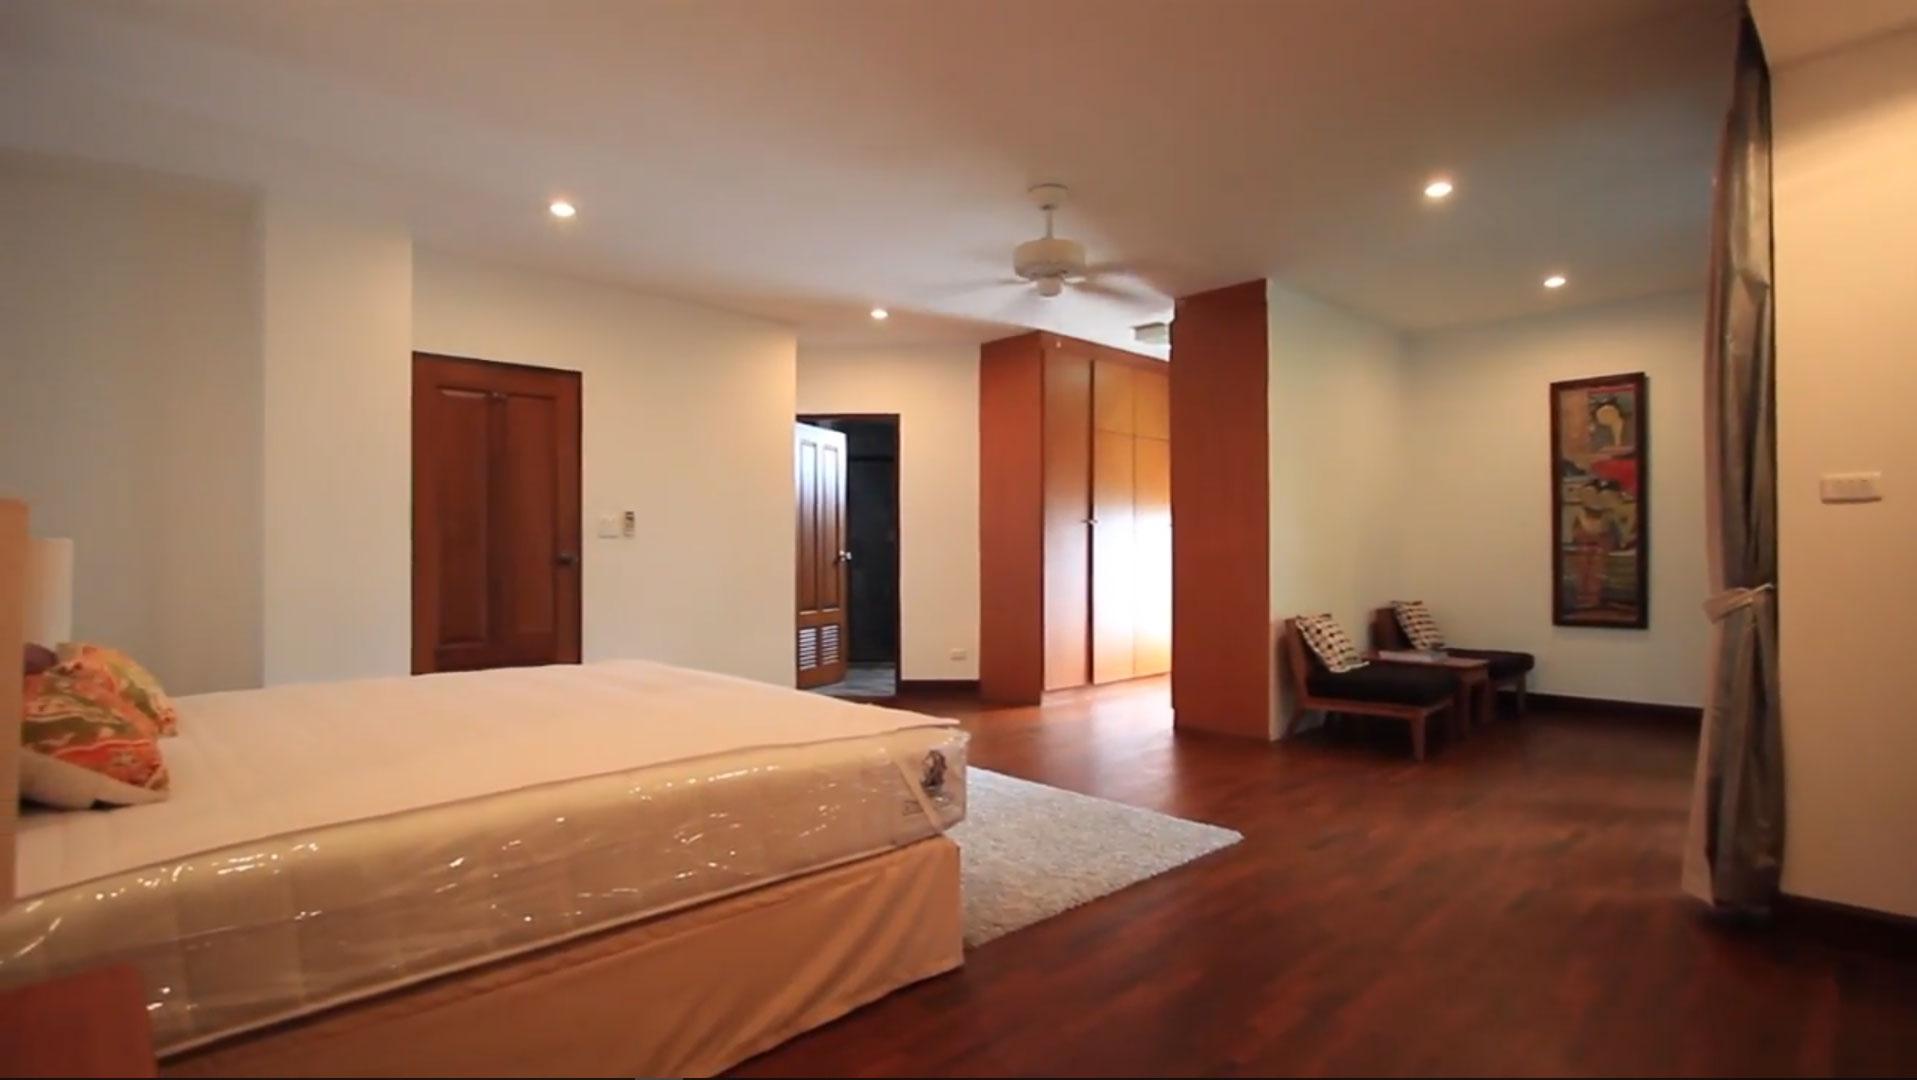 Raintree-Village-3-bedroom-7